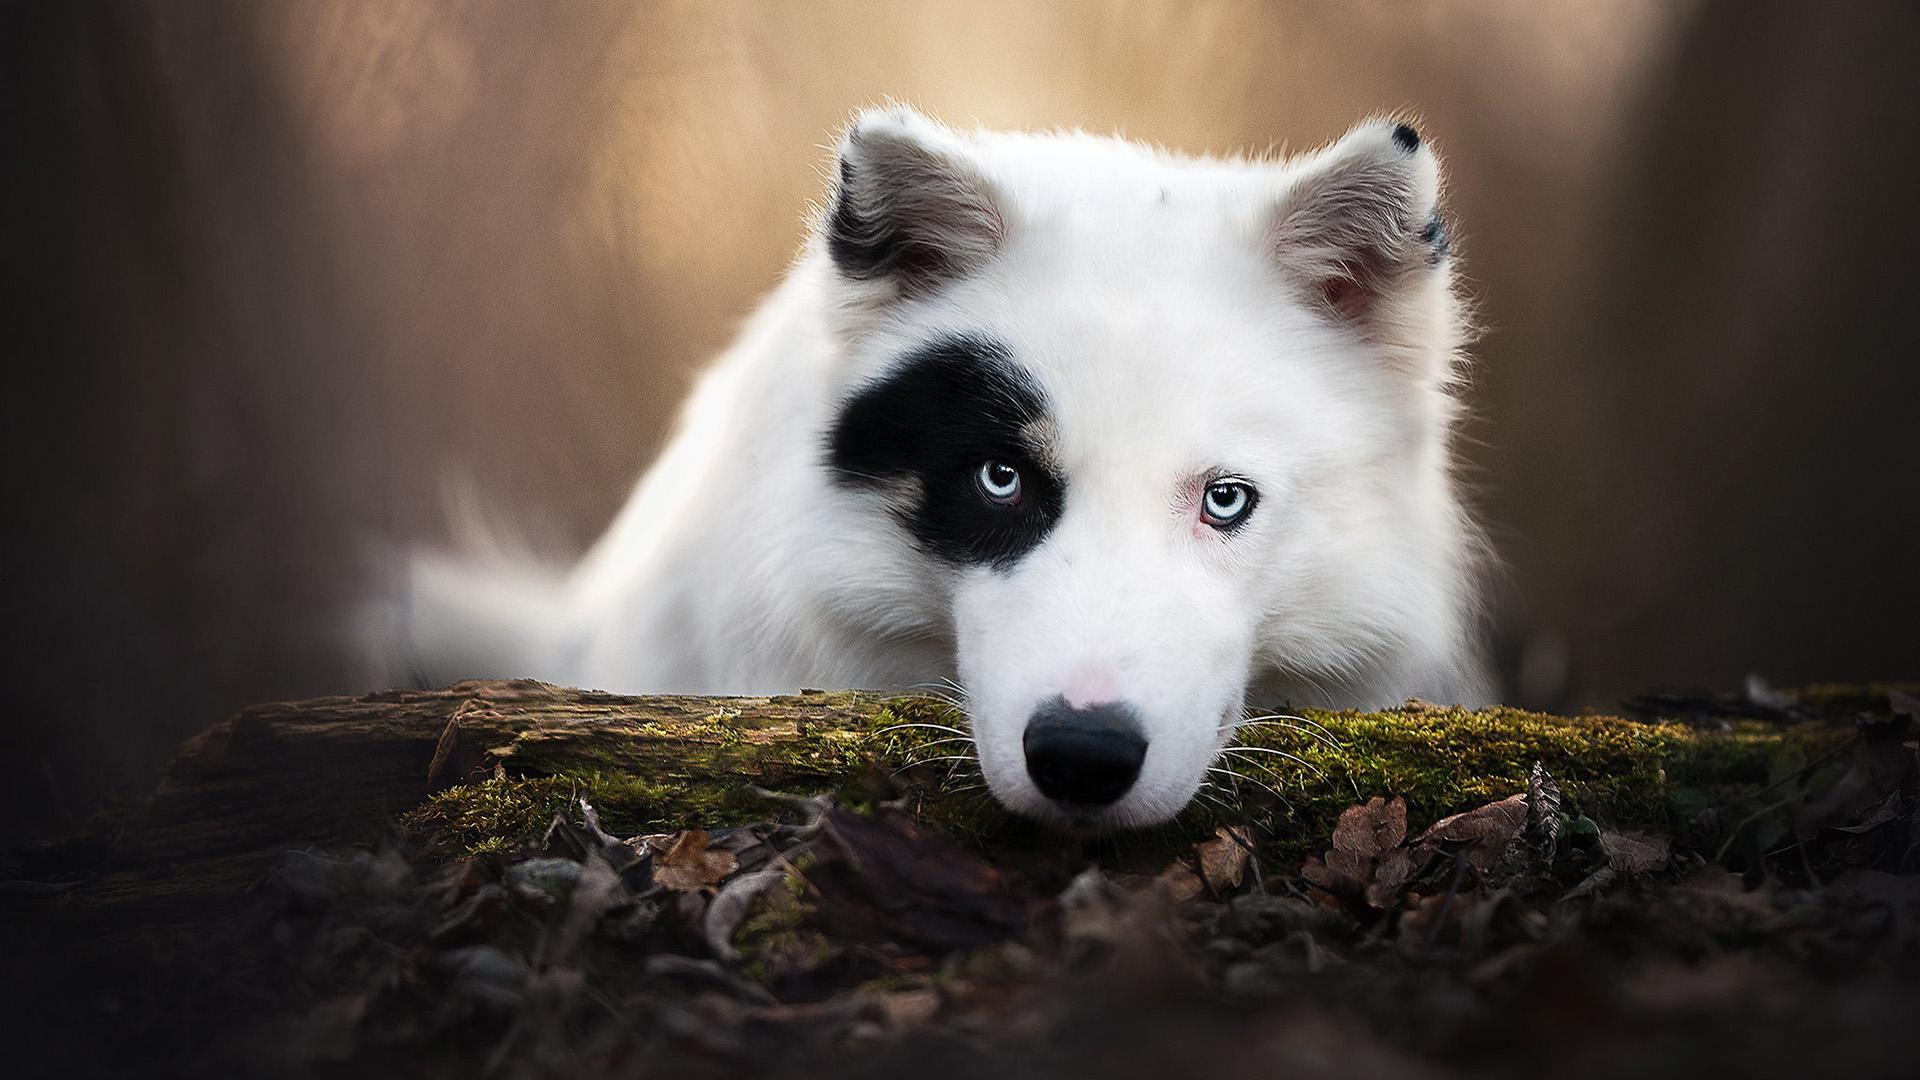 萌宠动物,汪星人,狗狗,大白狗,特写